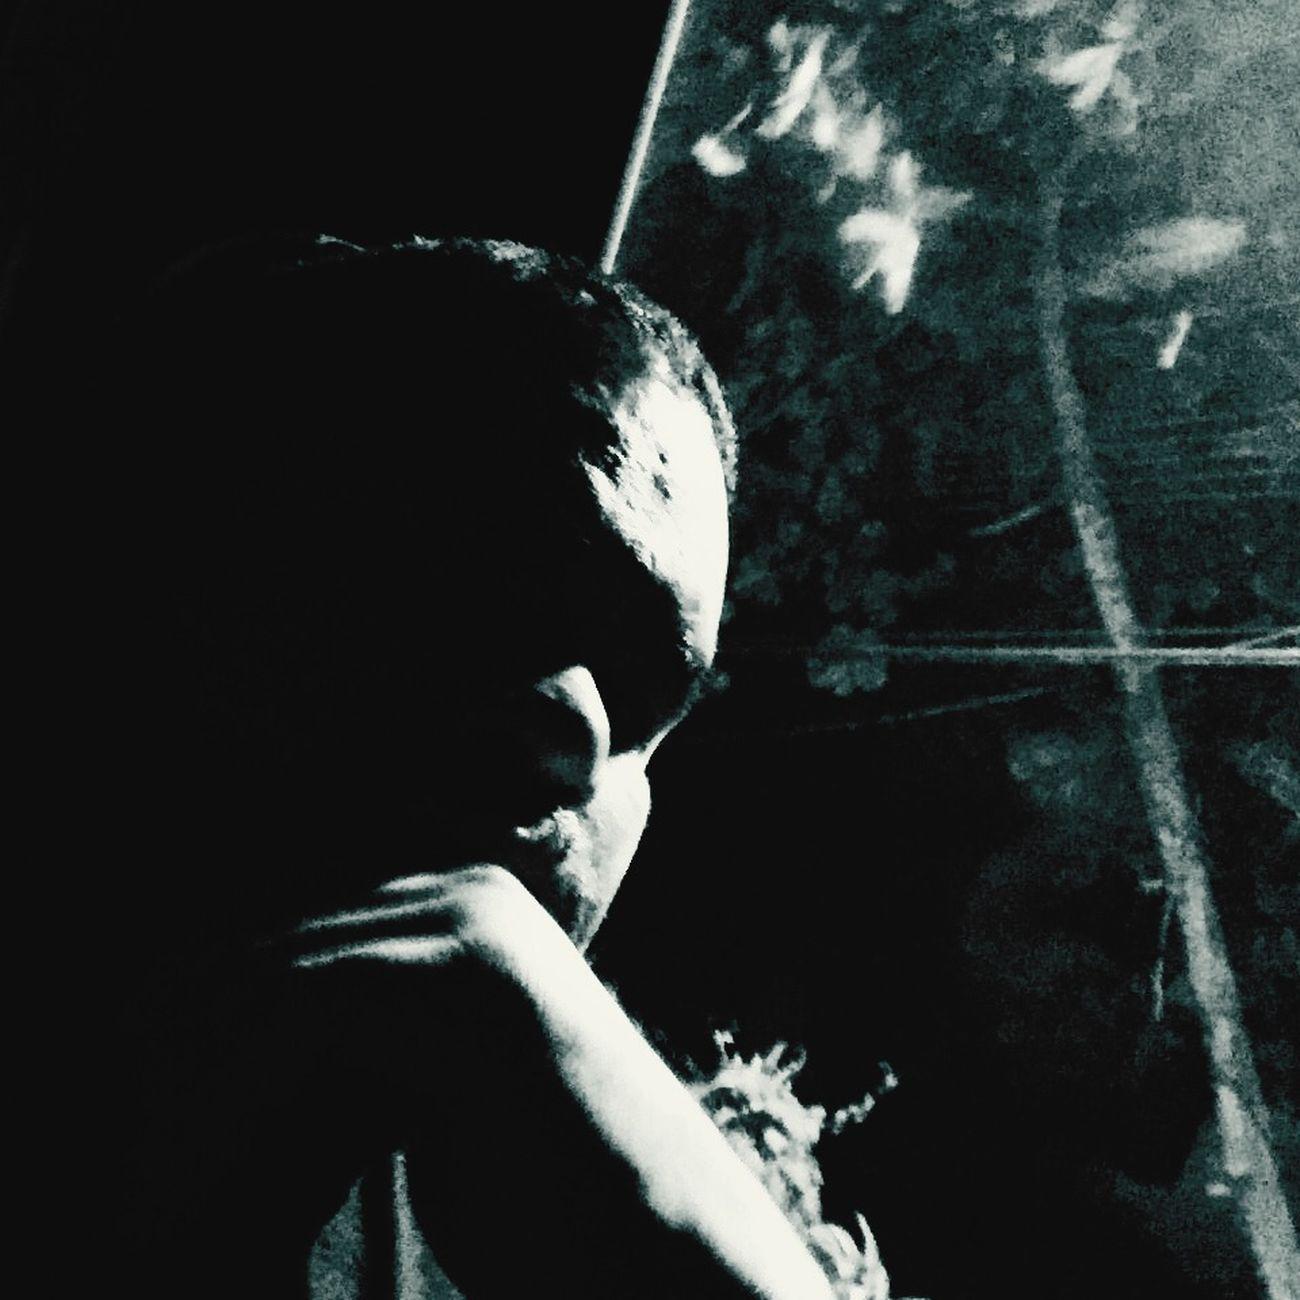 Eu varro a sala, eu rego as plantas Abro as janelas pro ar circular Faço uma faxina pra limpar a casa Faço uma faxina pra arrumar a vida Pra dissolver e recompor Até os infortúnios tem o seu valor Na oportunidade de aprender com a dor Portanto, a gratidão jorra pela fonte do meu coração Tá no interior e ao redor No trabalhar, no querer Faz e não dá ponto sem nó É o MistérioEu varro a sala, eu rego as plantas Abro as janelas pro ar circular Faço uma faxina pra limpar a casa Faço uma faxina pra arrumar a vida Pra dissolver e recompor Até os infortúnios tem o seu valor Na oportunidade de aprender com a dor Portanto, a gratidão jorra pela fonte do meu coração Tá no interior e ao redor No trabalhar, no querer Faz e não dá ponto sem nó É o Mistério, é o Poder, é o Poder... Forfun Dissolver_e_recompor